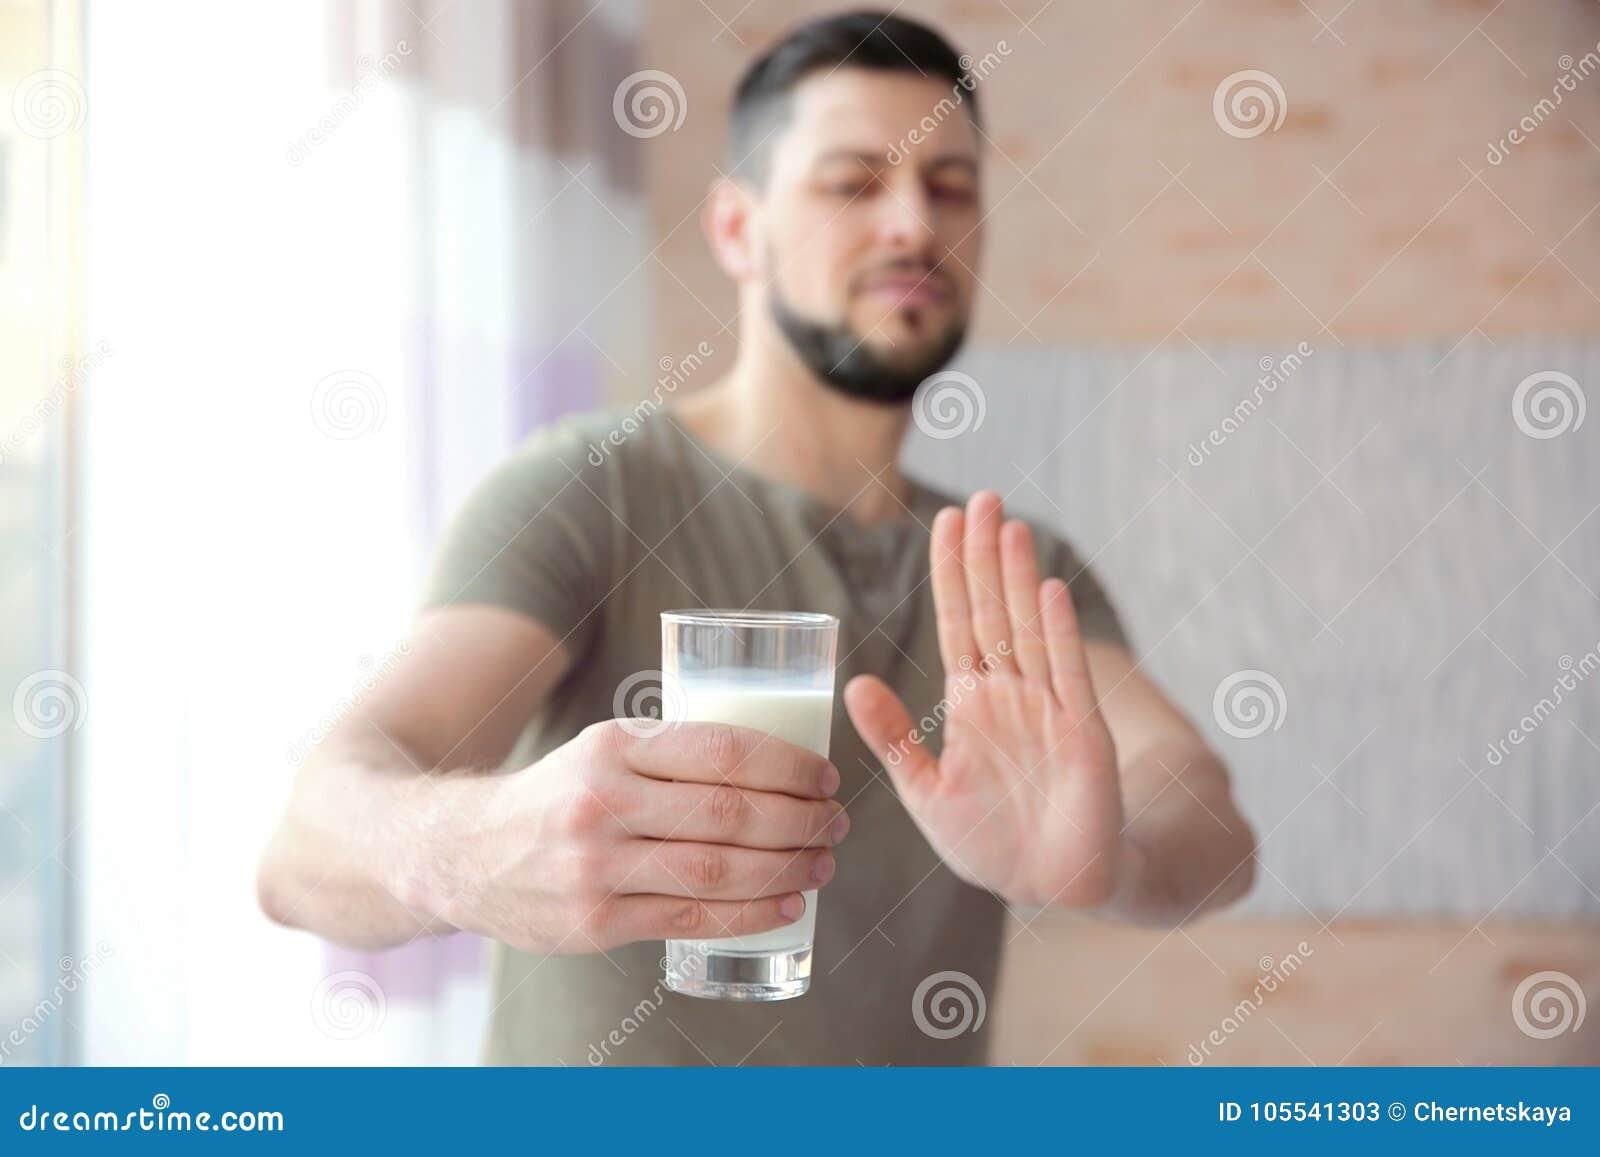 Hombre con alergia de la leche